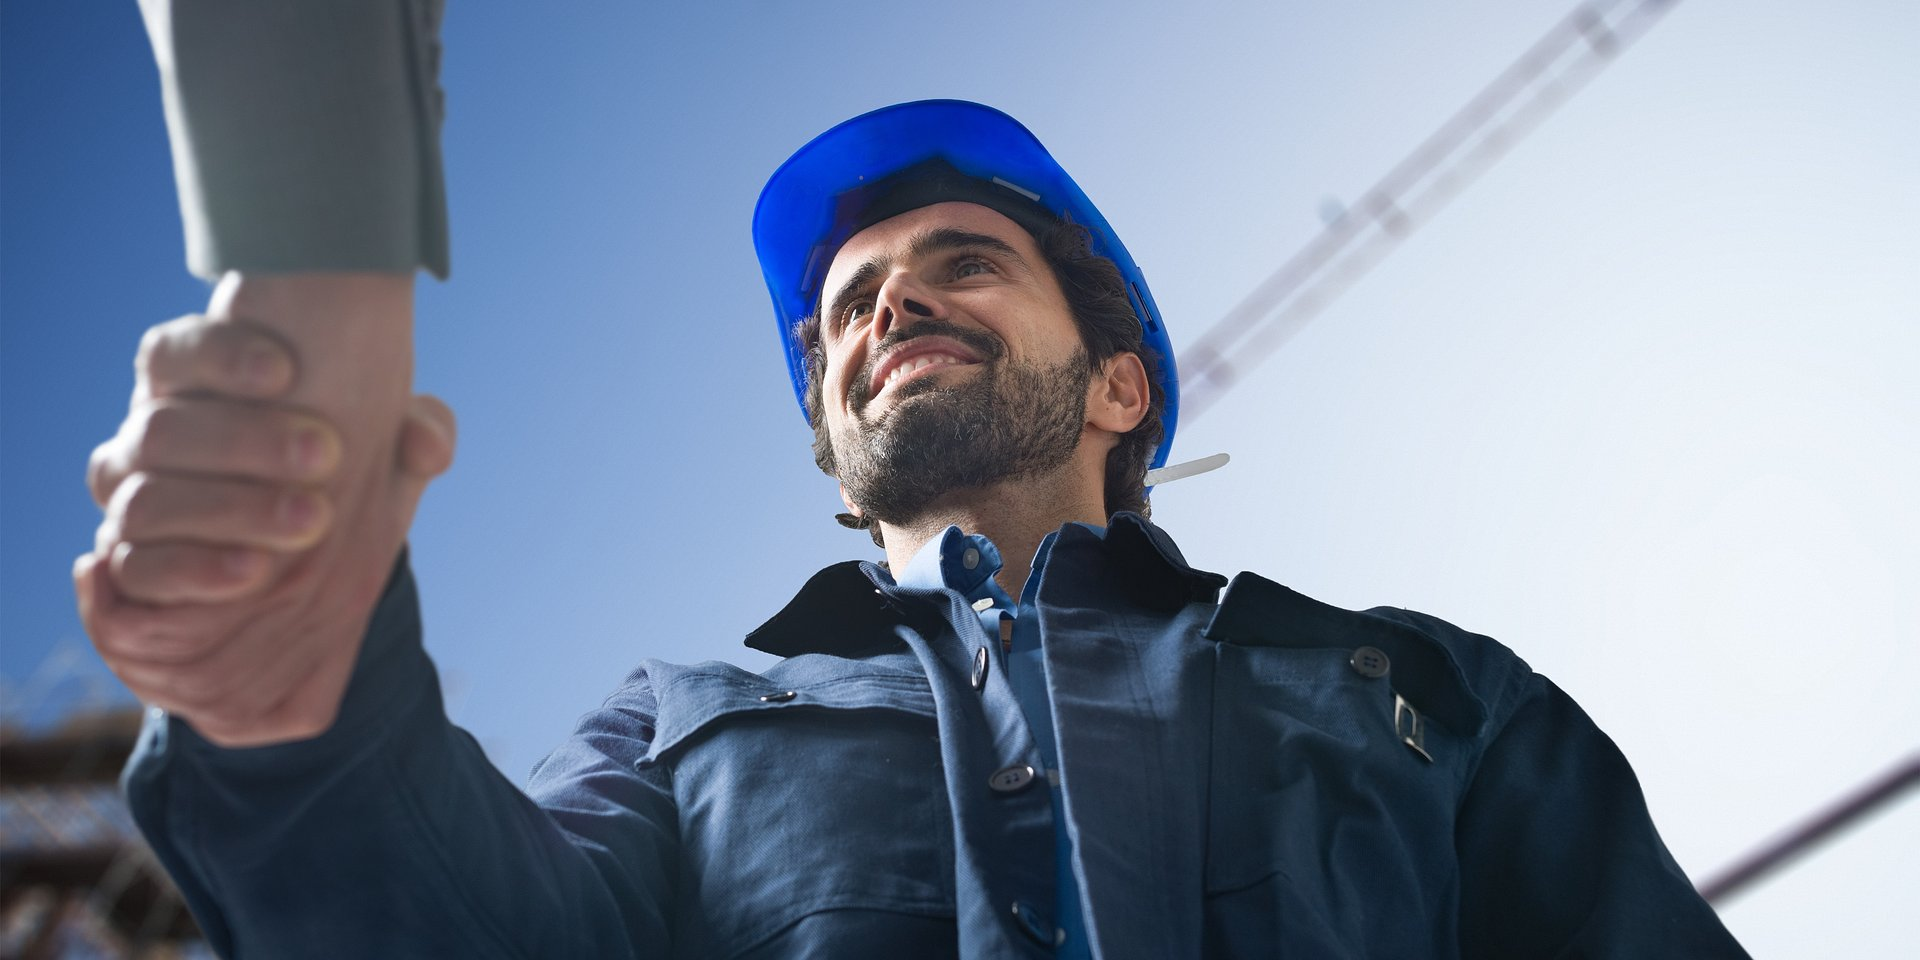 Ożywienie na rynku pracy? Polskie firmy znów będą zatrudniać nowych pracowników